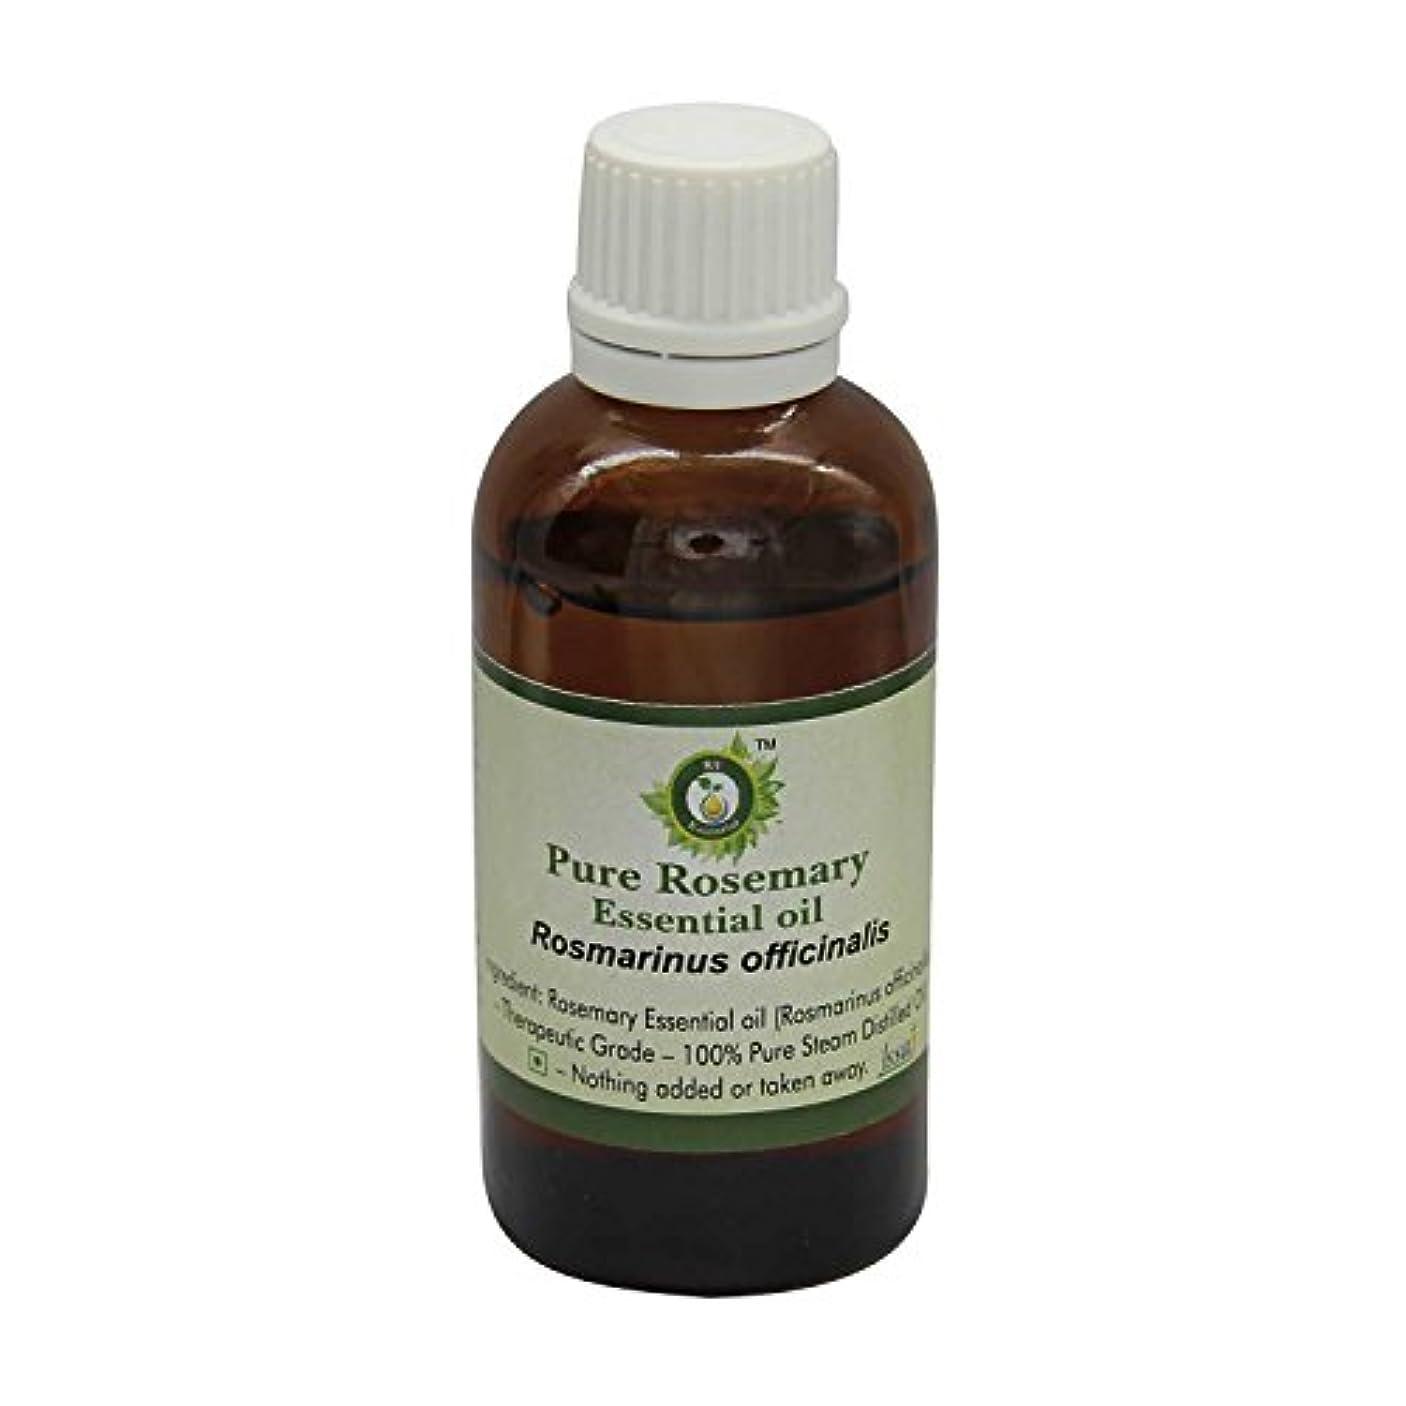 葉を拾うスクラップのホストR V Essential ピュアローズマリーエッセンシャルオイル30ml (1.01oz)- Rosmarinus Officinalis (100%純粋&天然スチームDistilled) Pure Rosemary...